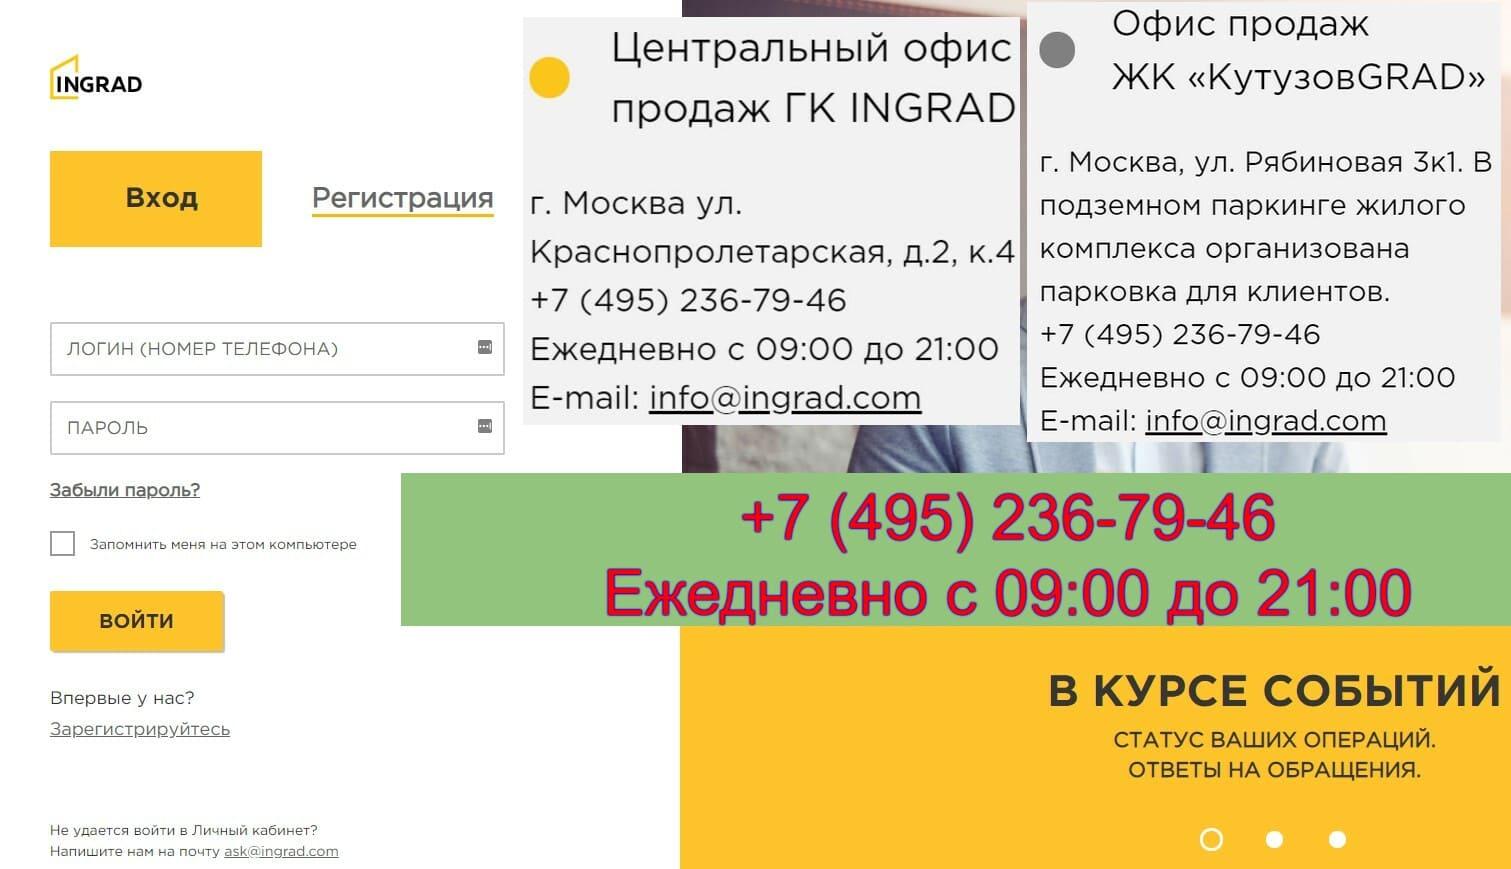 Личный кабинет ЖК Новое Медведково (жилой комплекс)